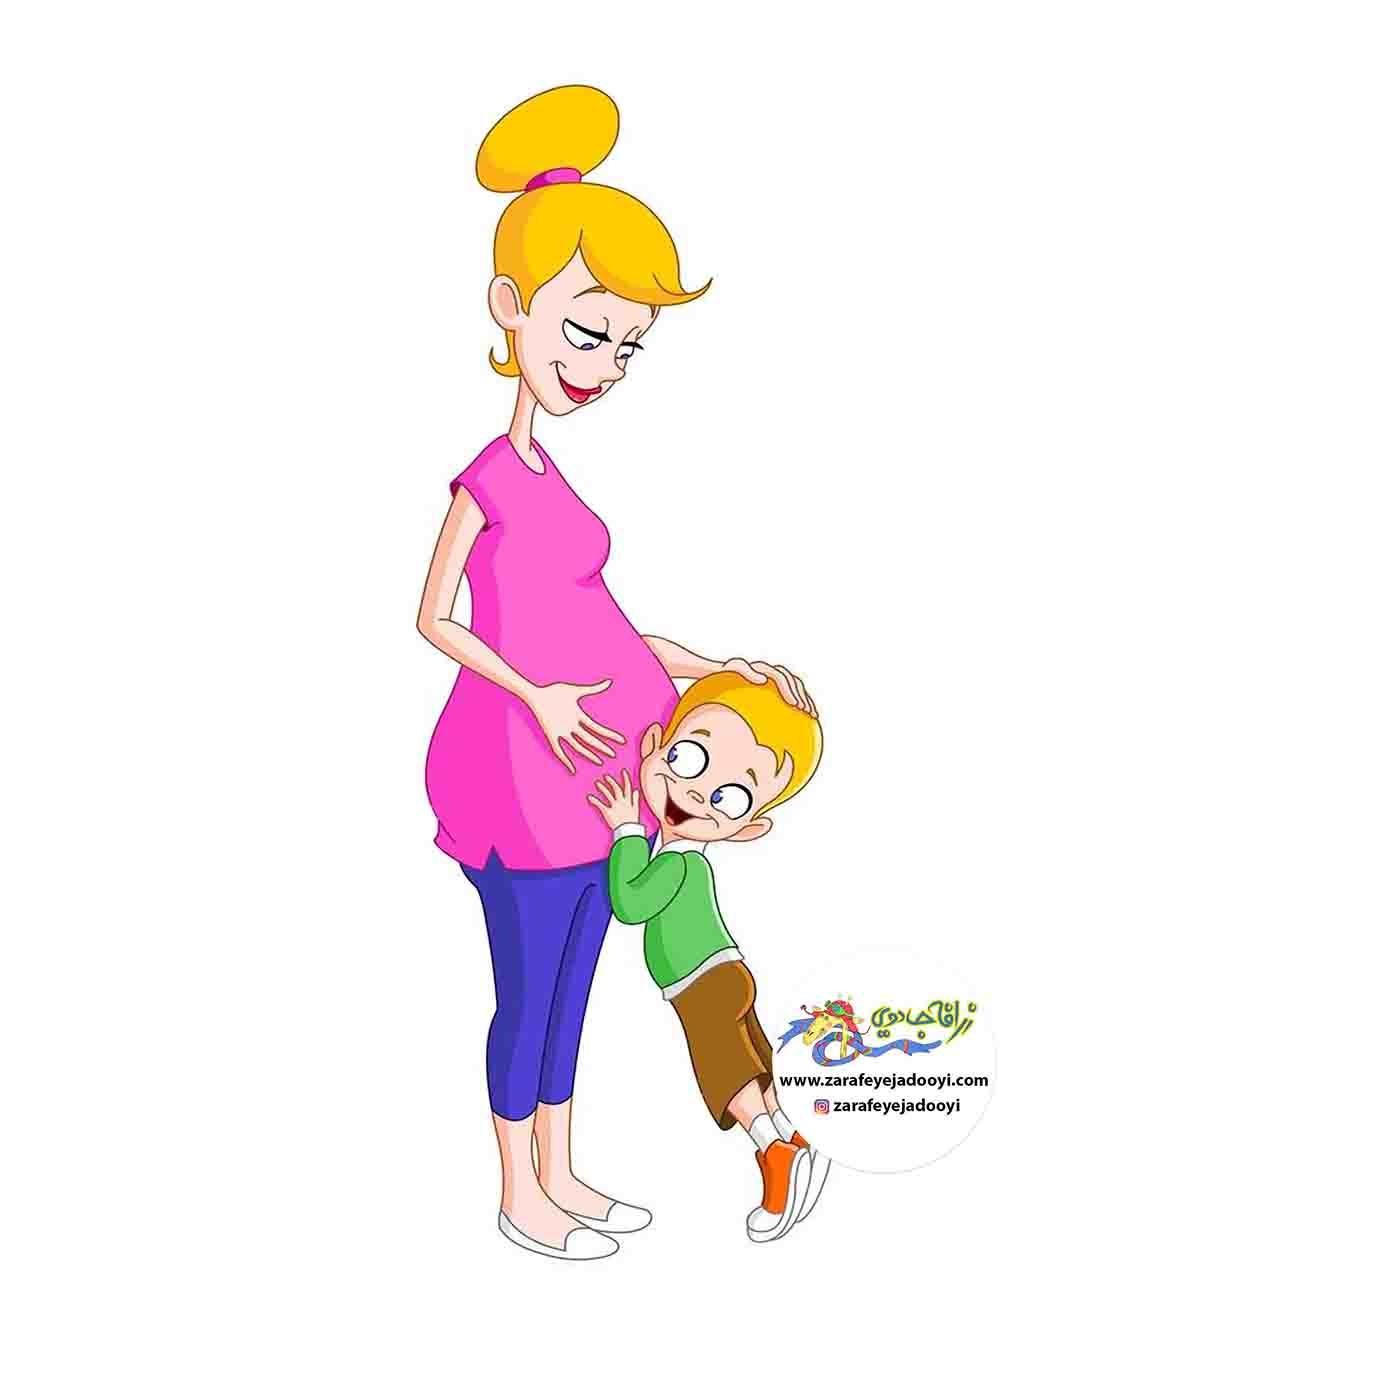 زرافه جادویی - رفتارمان در مقابل فرزند بزرگتر